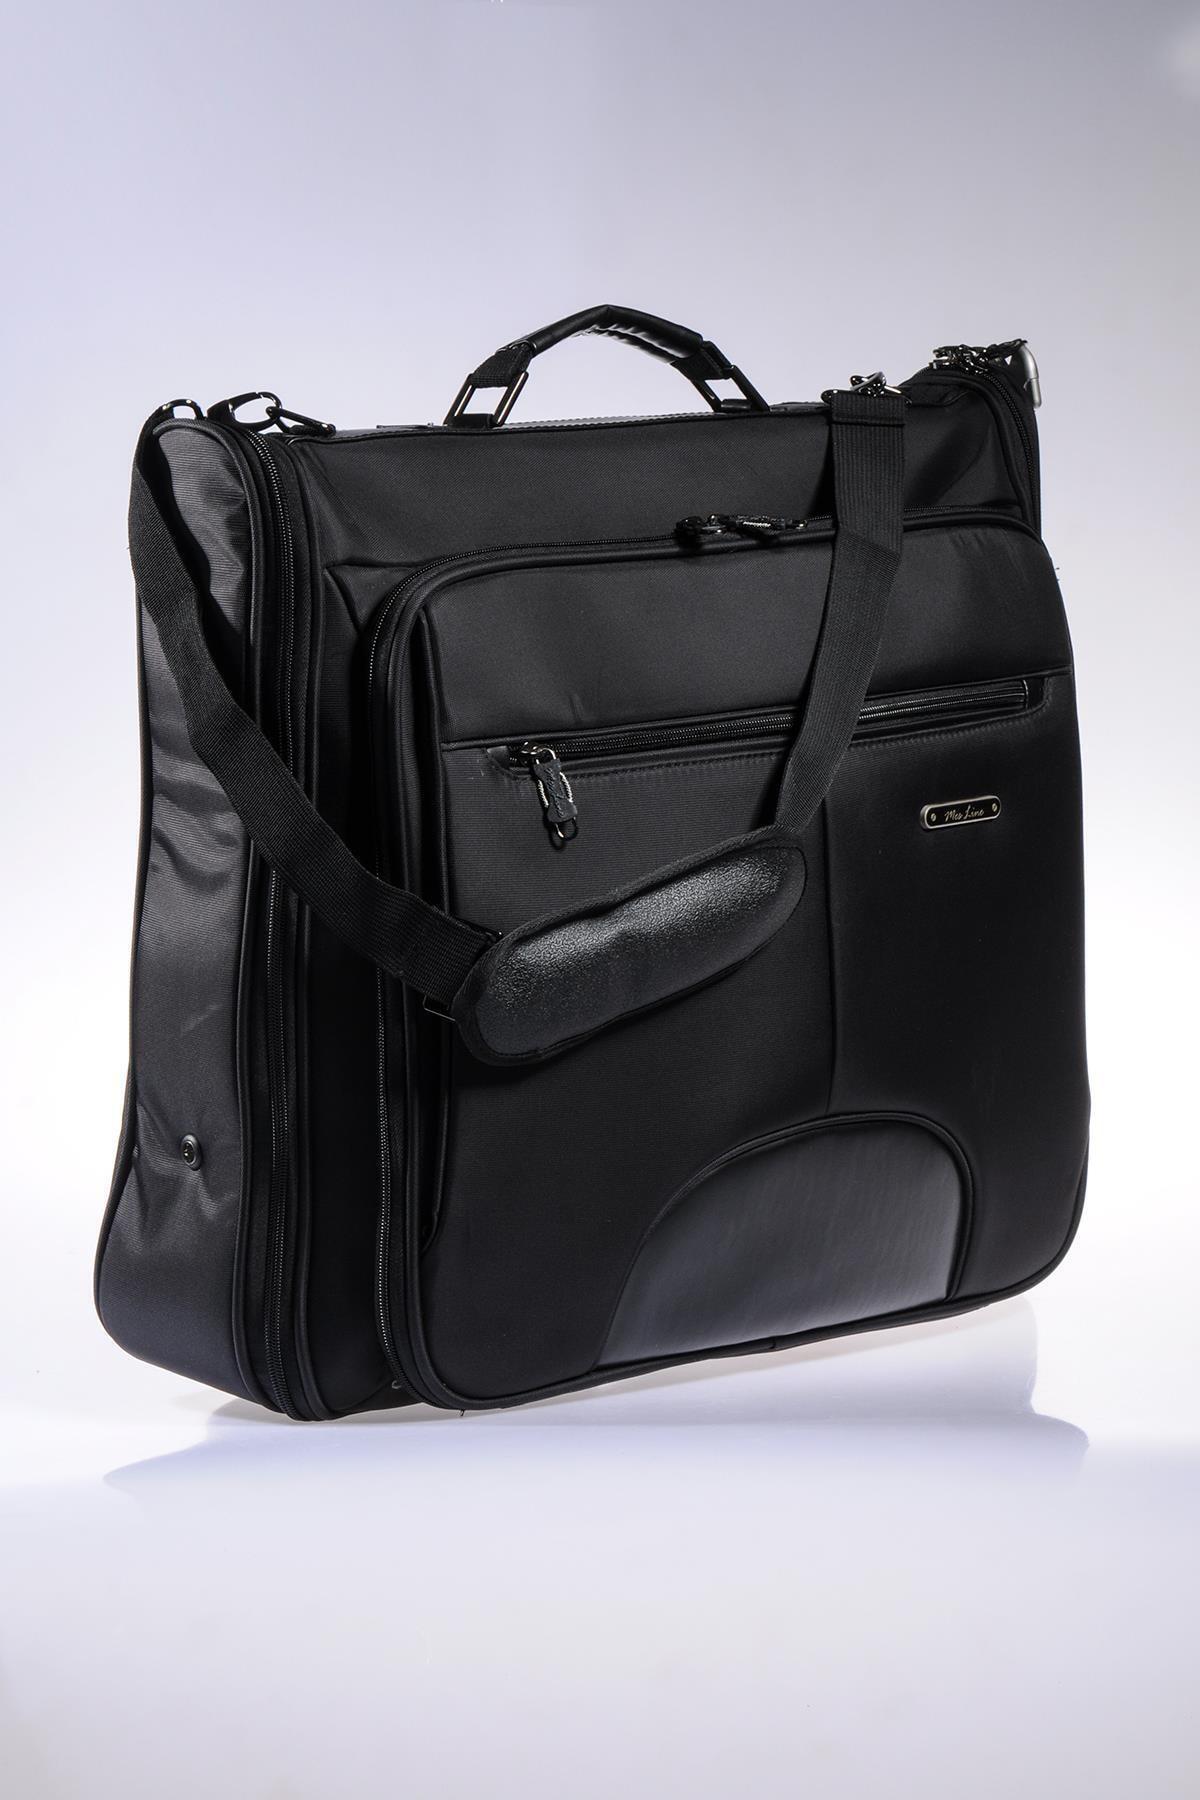 MÇS Mkte1503-s Line Siyah Takım Elbise Çantası 2